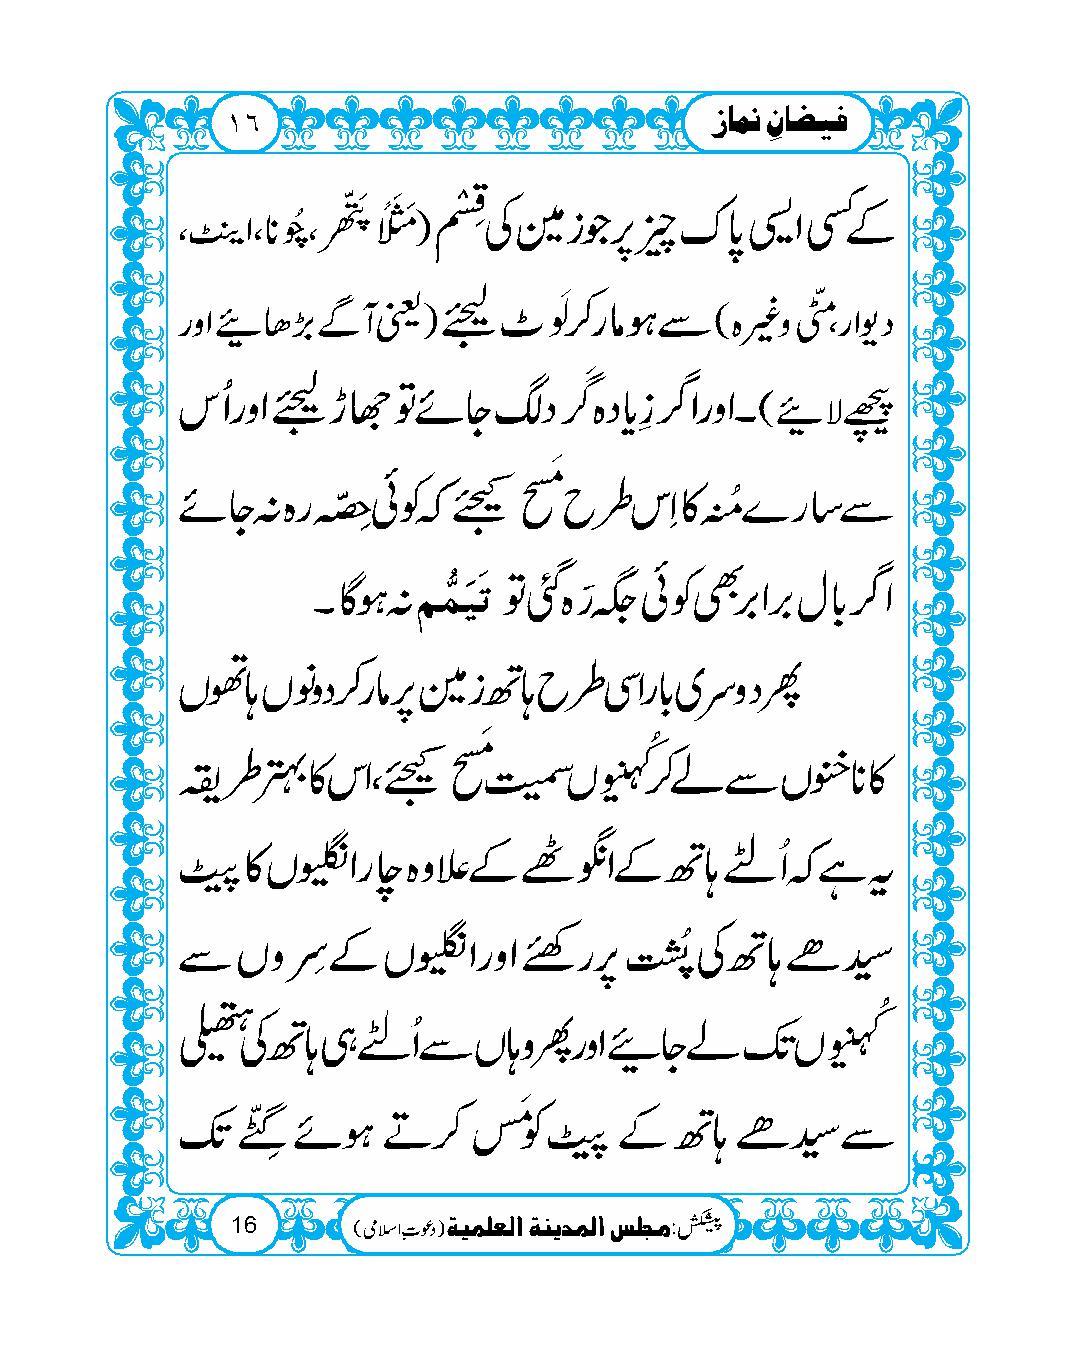 page No 16